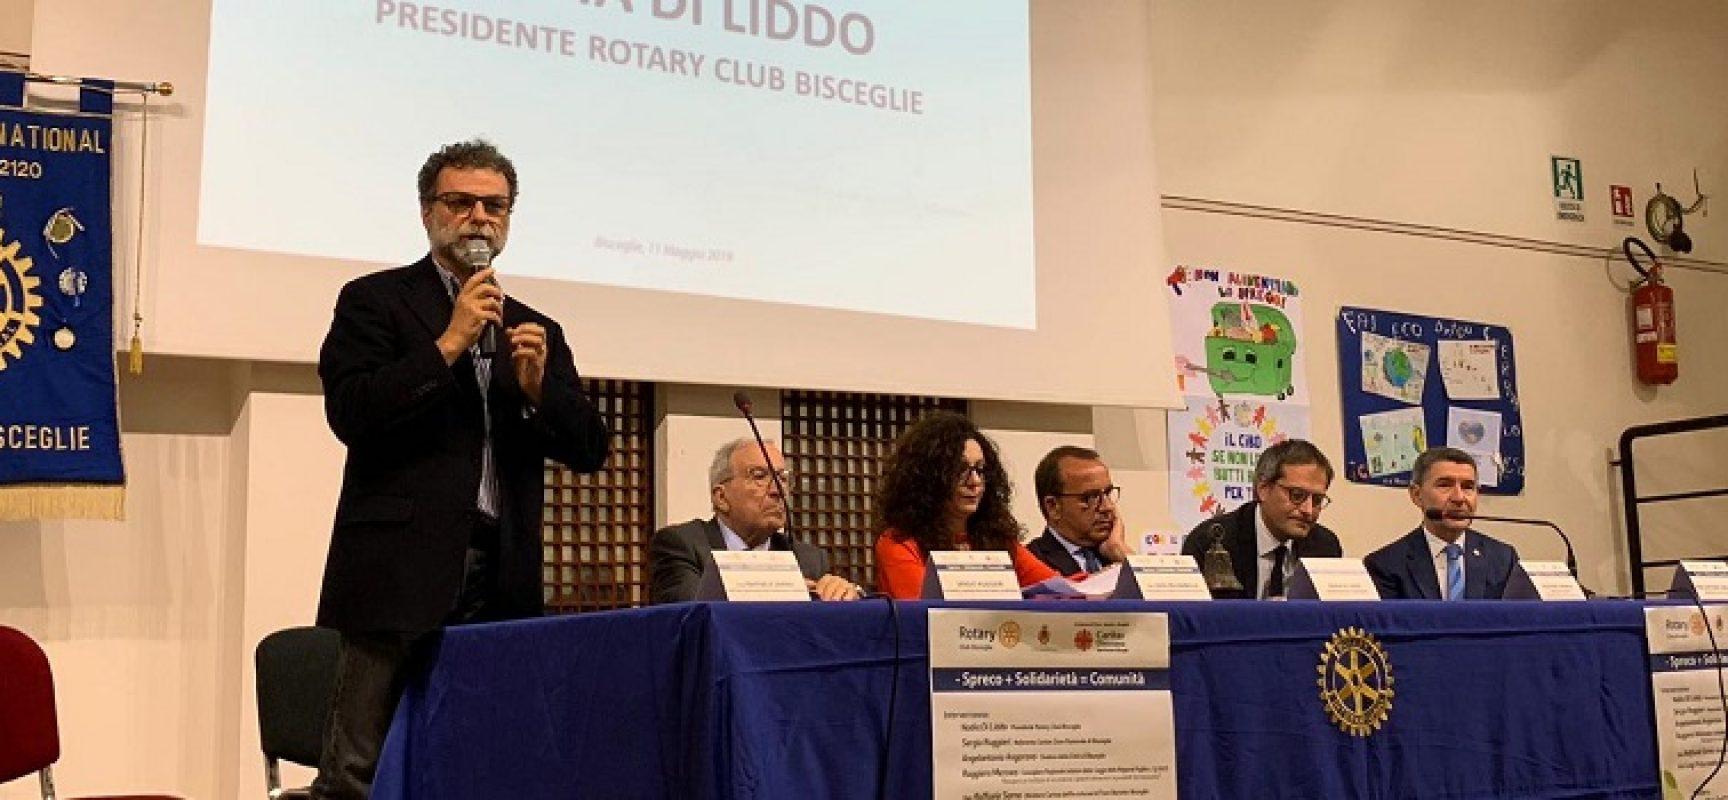 """""""Rotaryuniamoci"""", ottimi risultati per l'iniziativa targata Rotary e Caritas"""